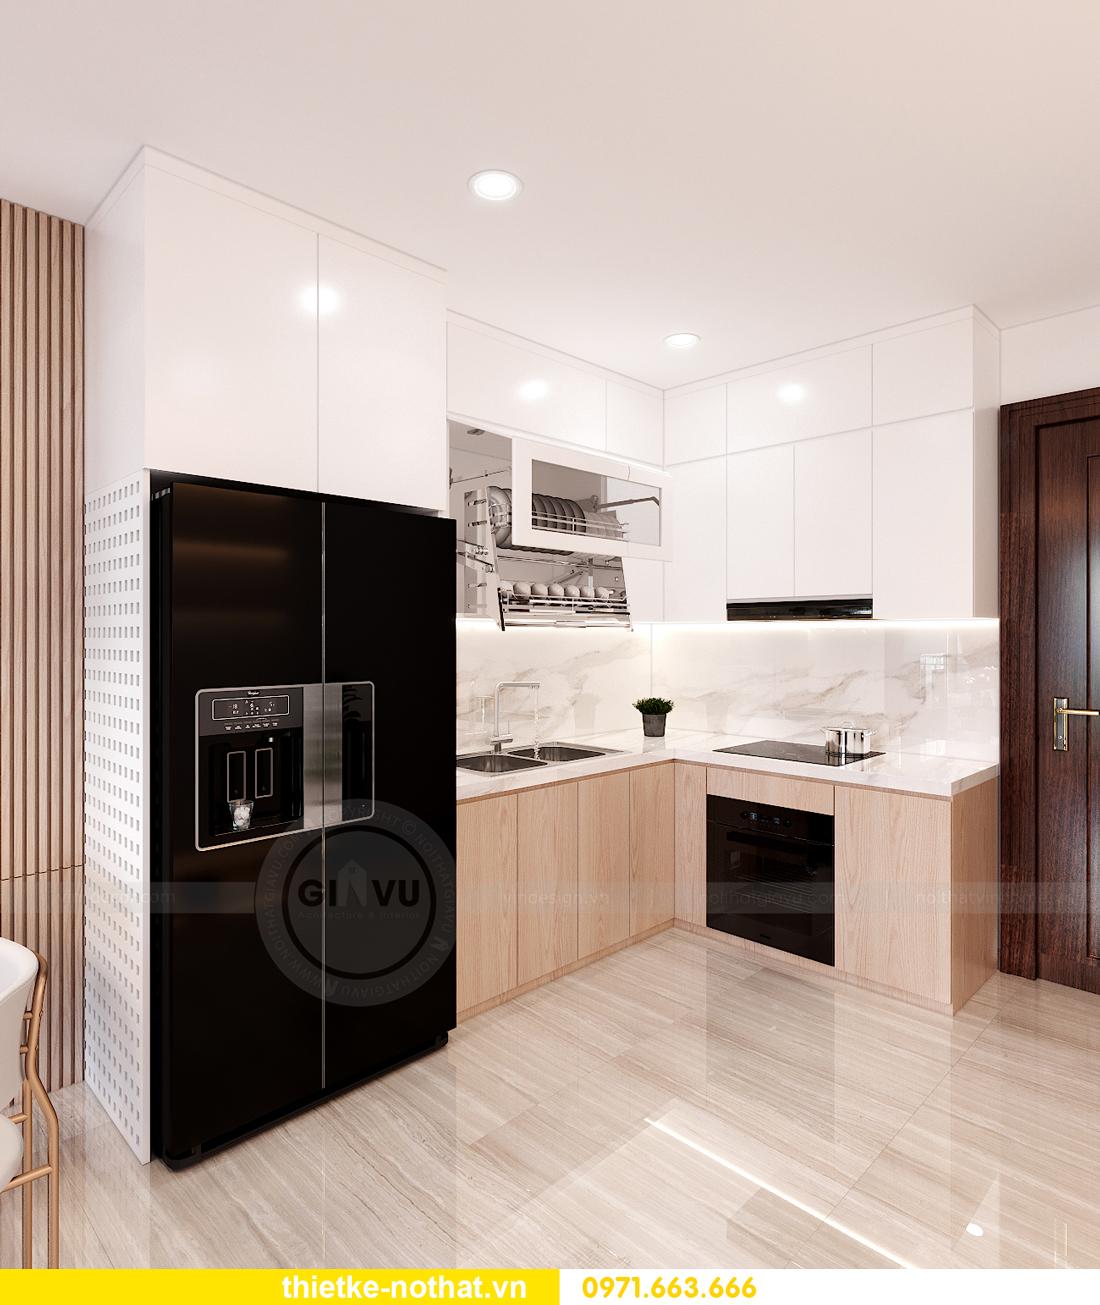 thiết kế nội thất căn hộ 2 phòng ngủ tại Vinhomes Smart City 2